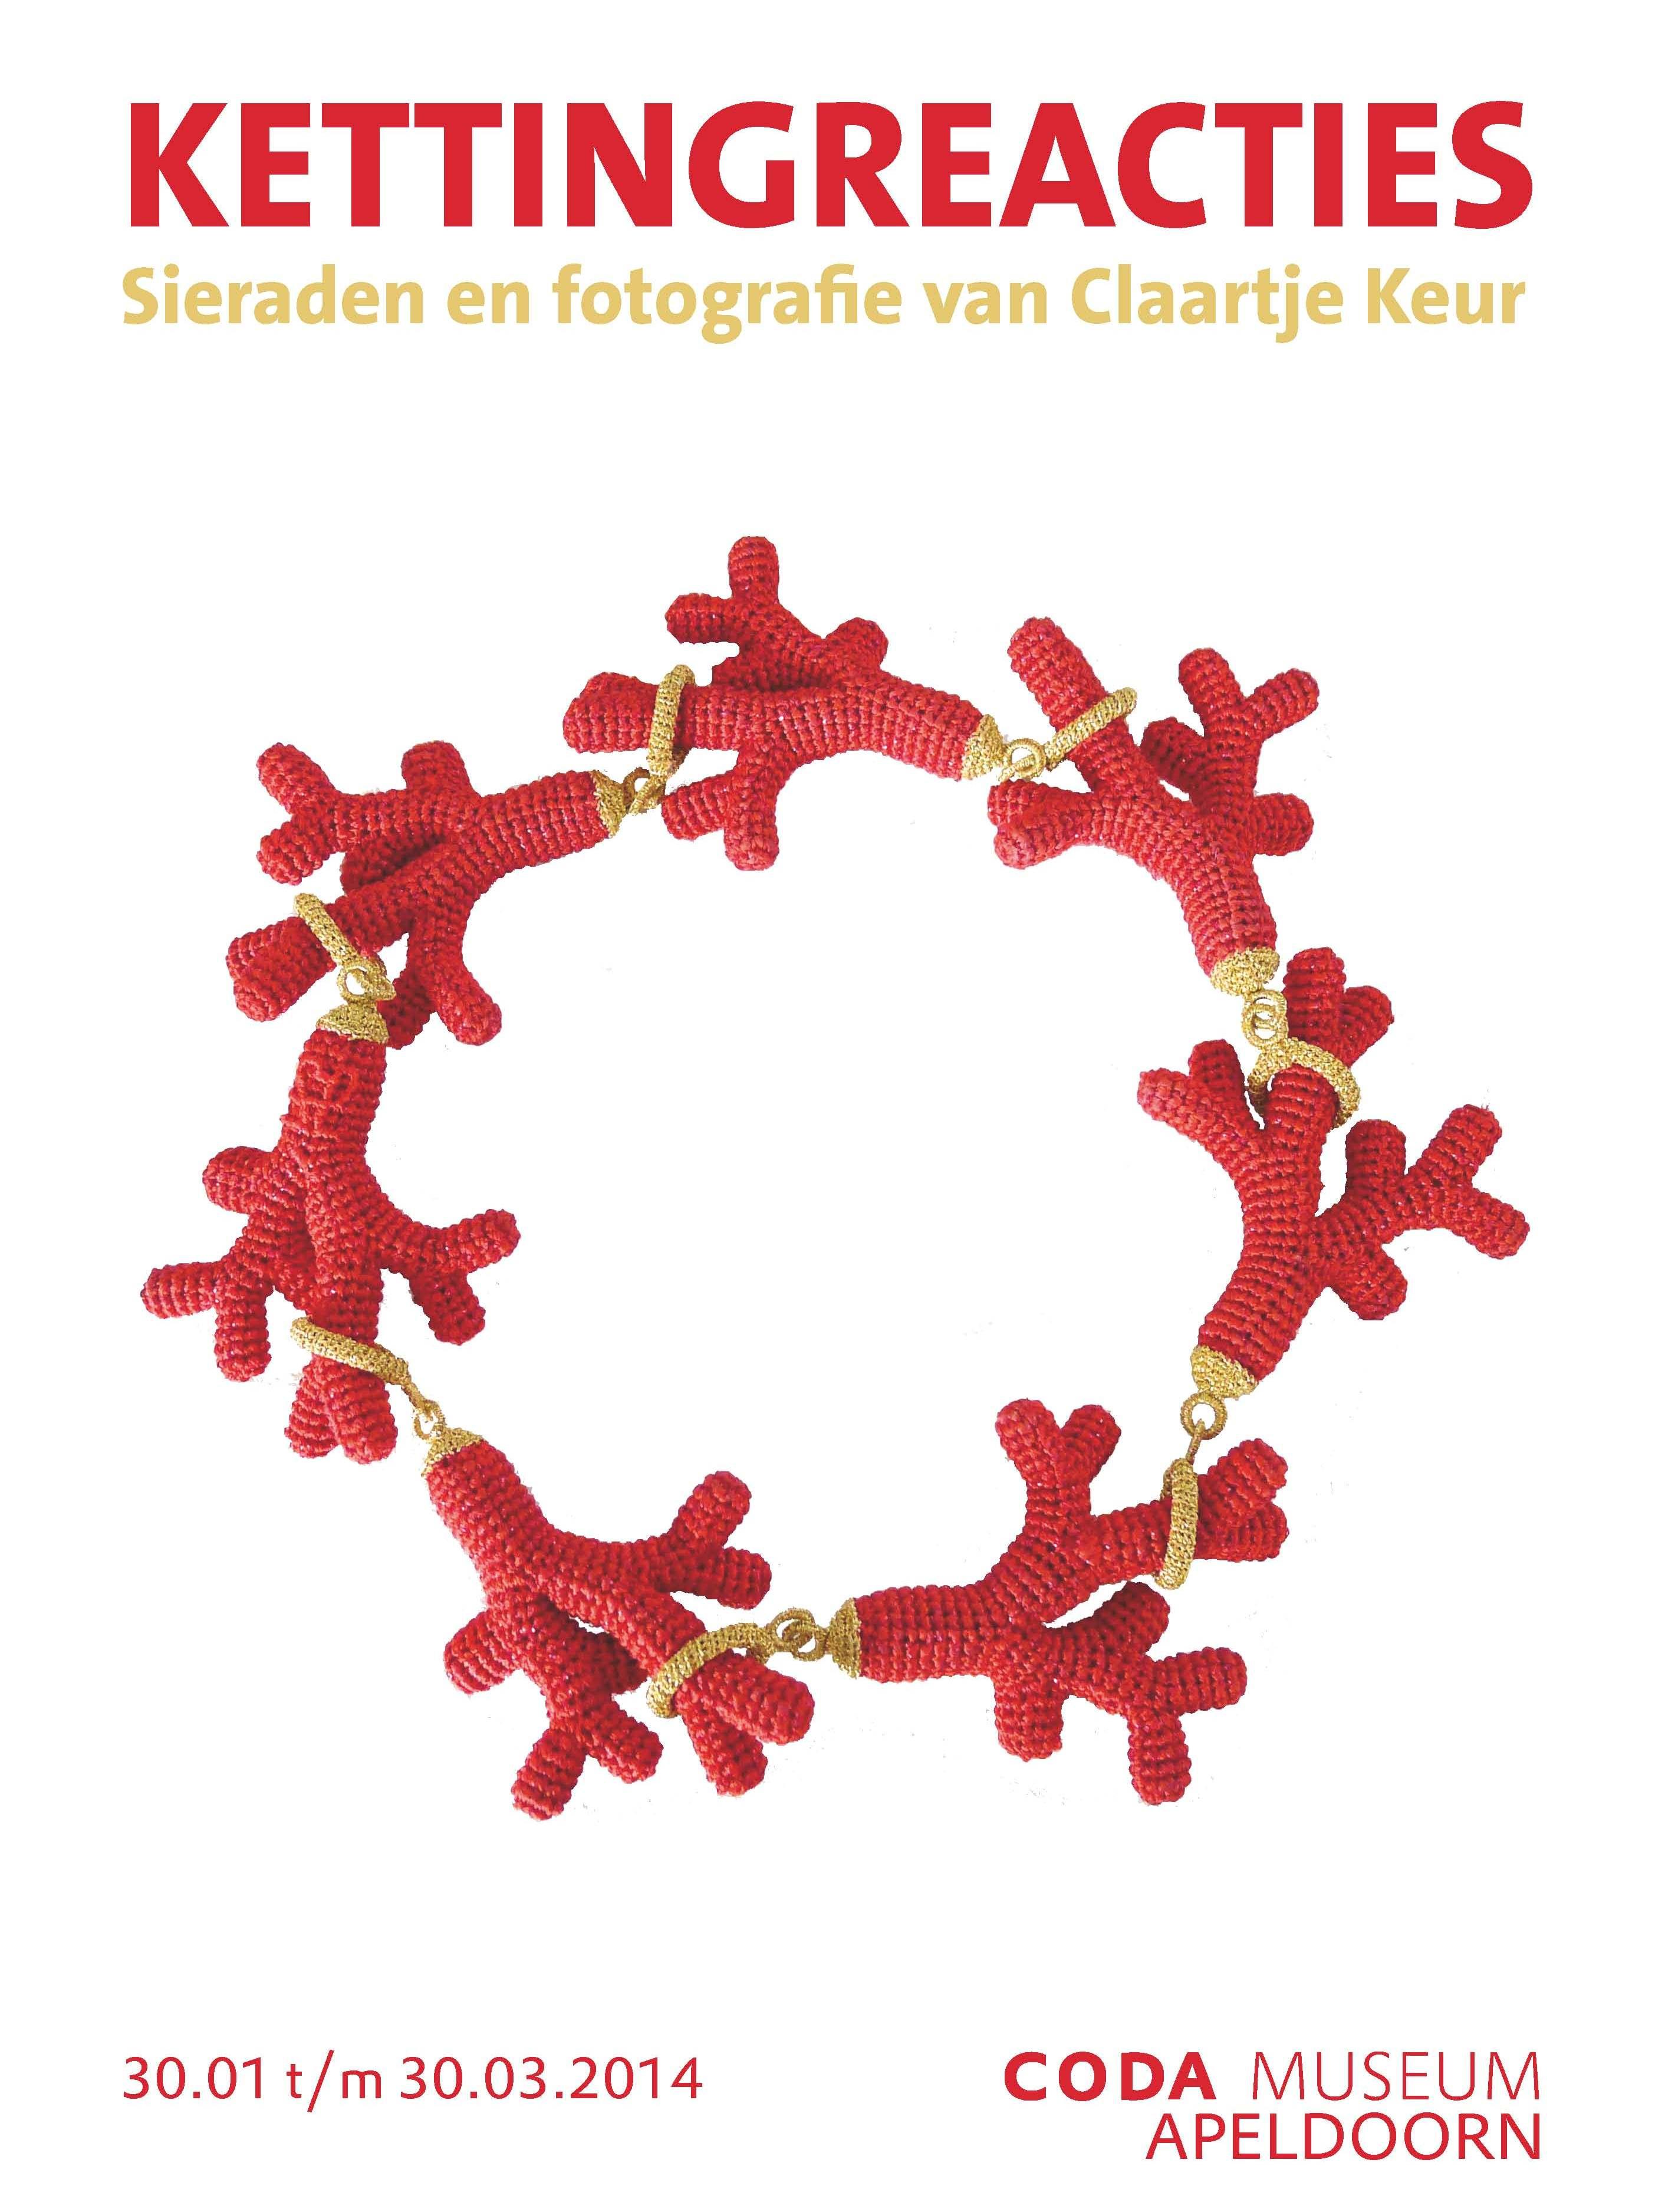 Felieke van der Leest, collectie Claartje Keur. Foto met dank aan CODA©